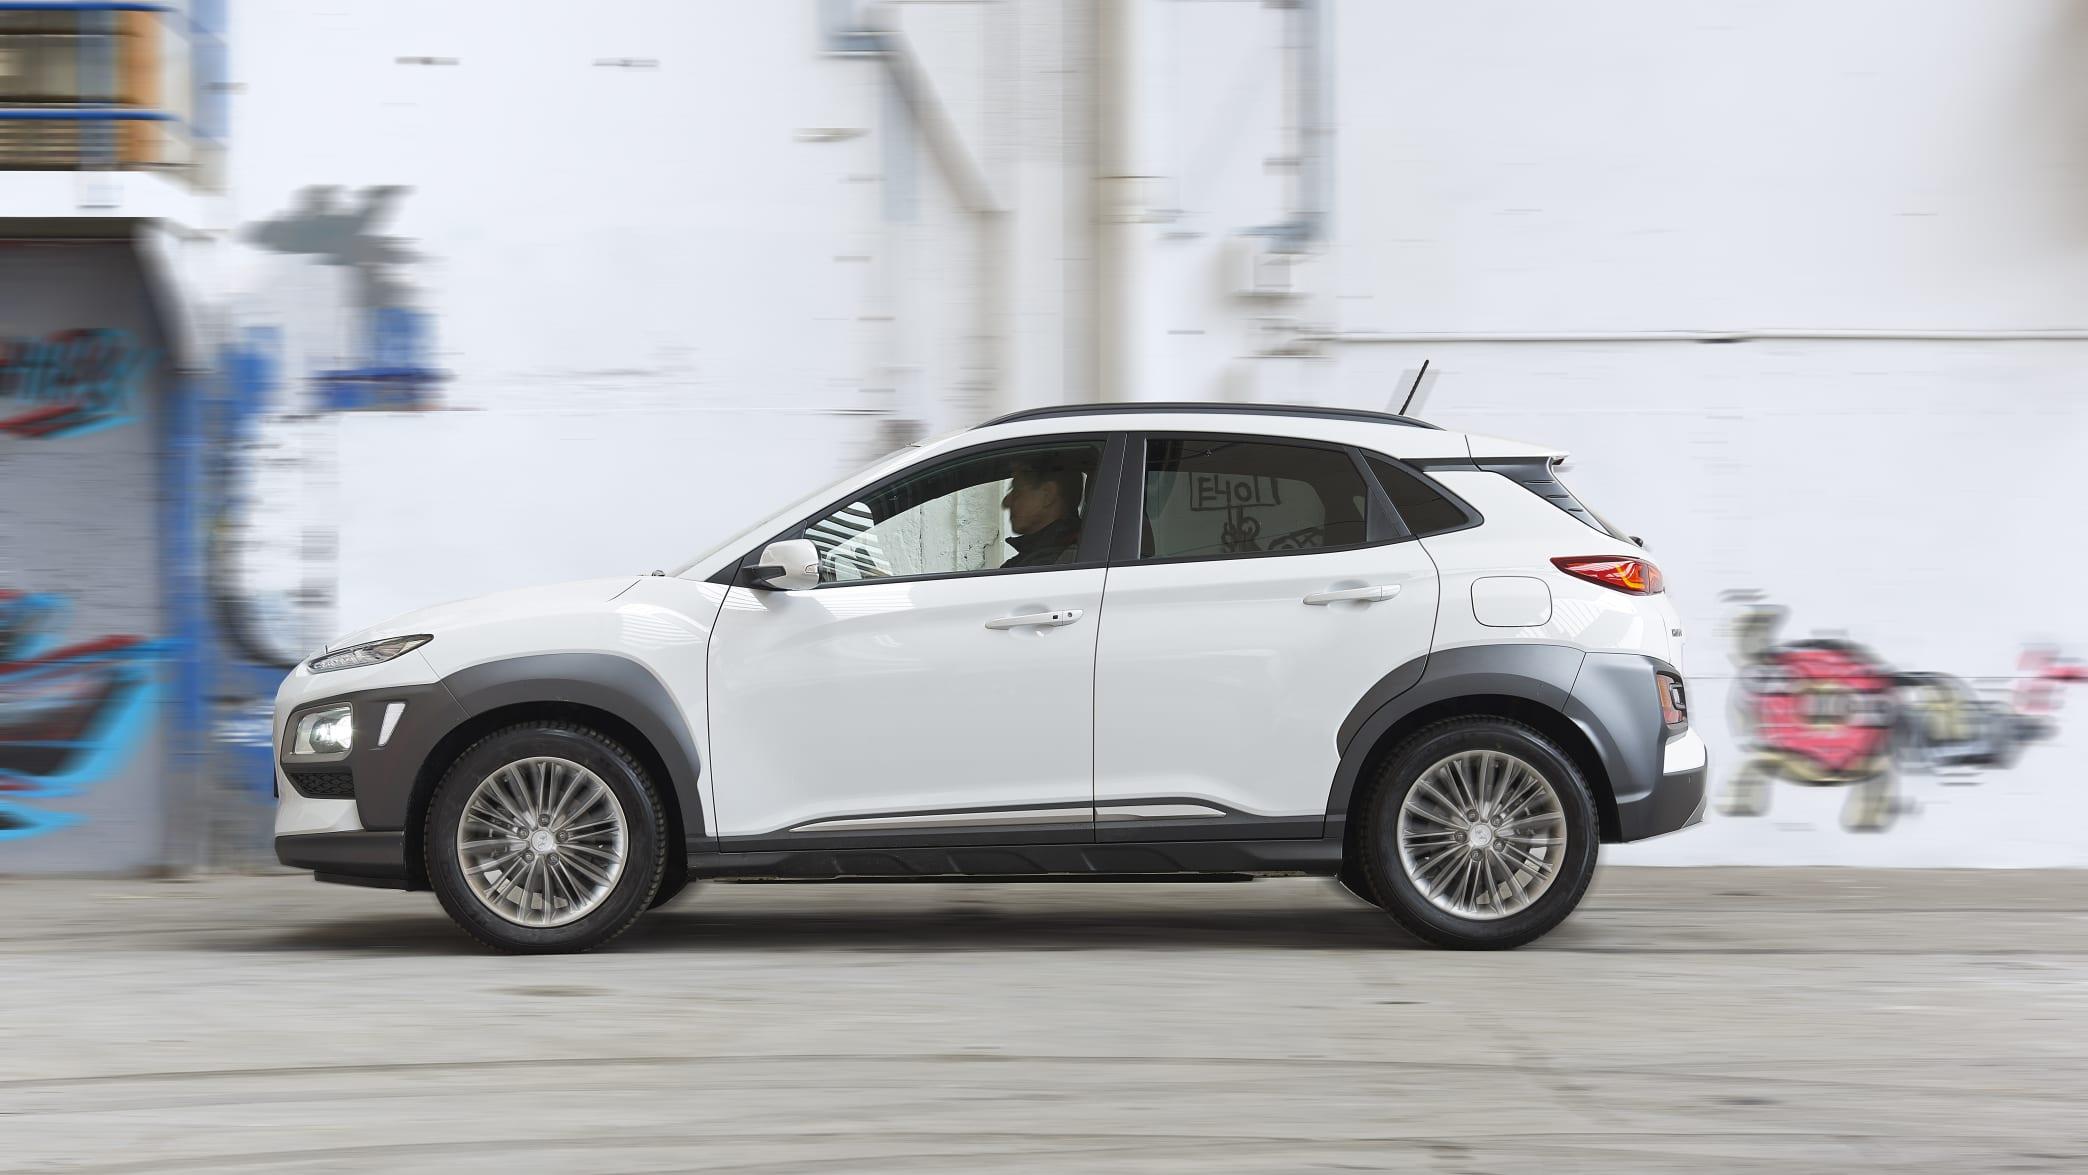 weisser Hyundai Kona fährt auf Strasse